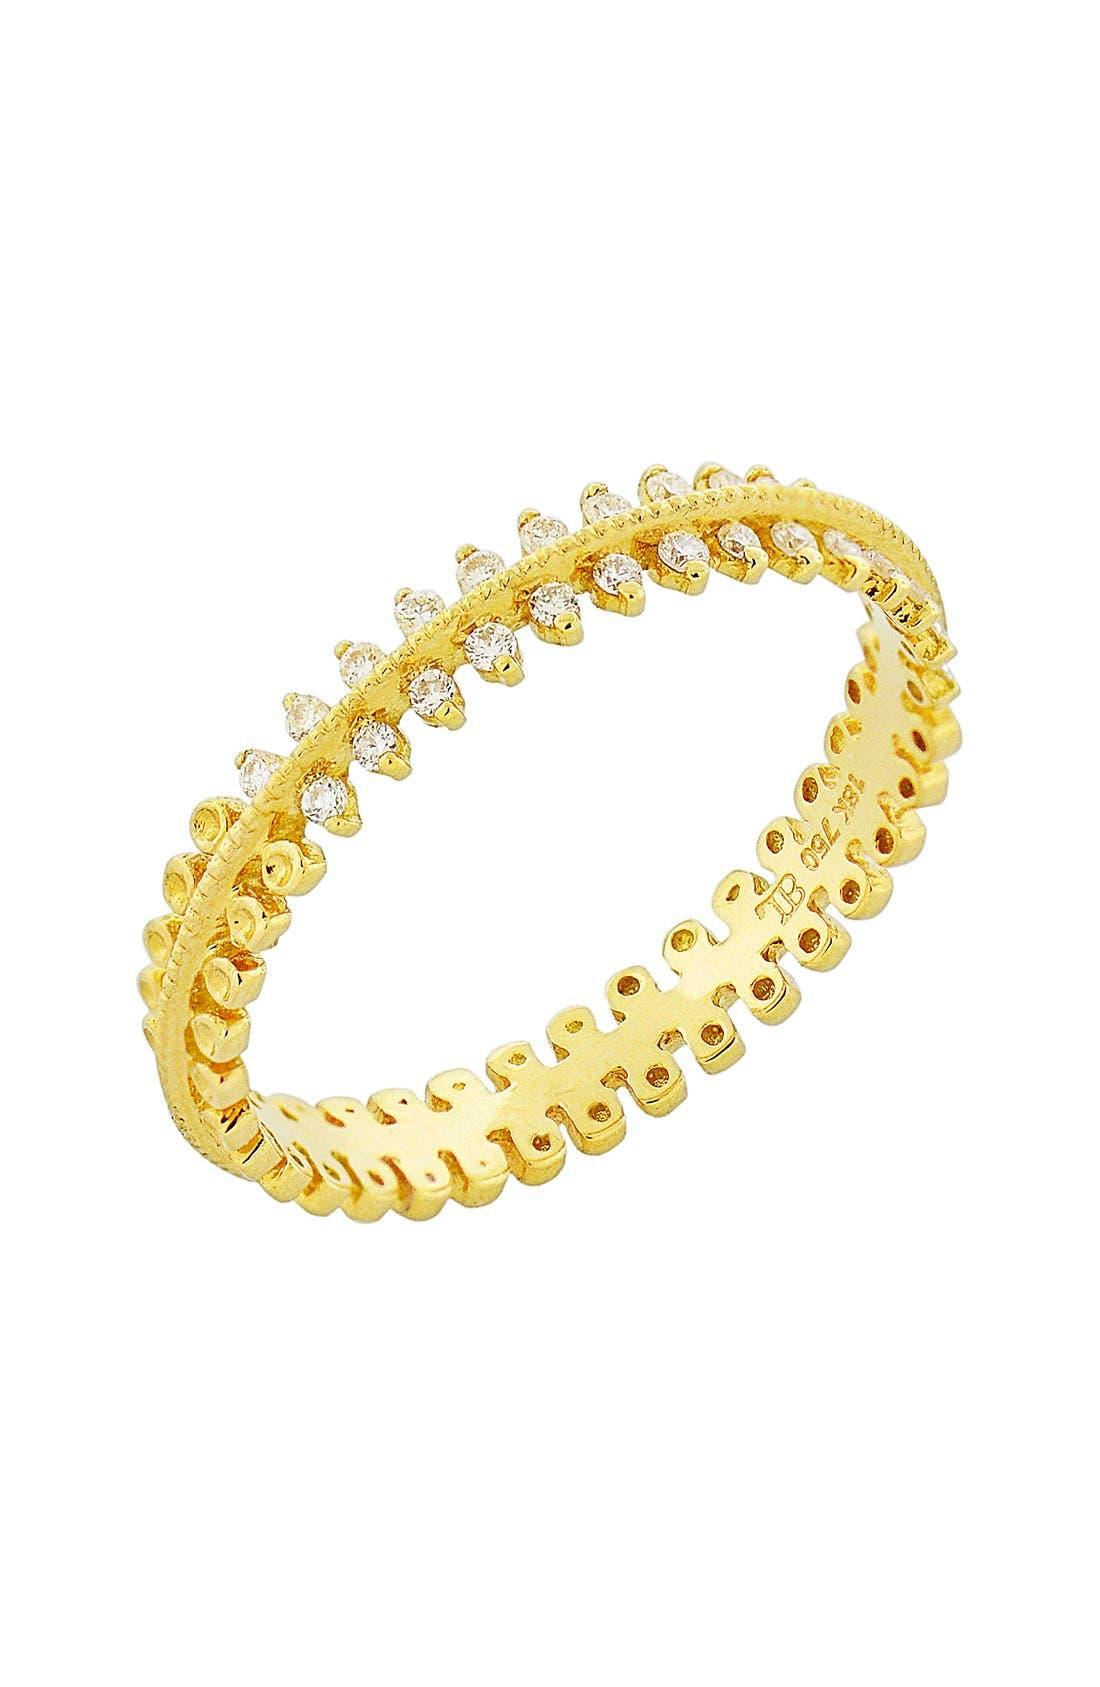 Stackable Three Row Diamond Band Ring,                             Main thumbnail 1, color,                             Yellow Gold